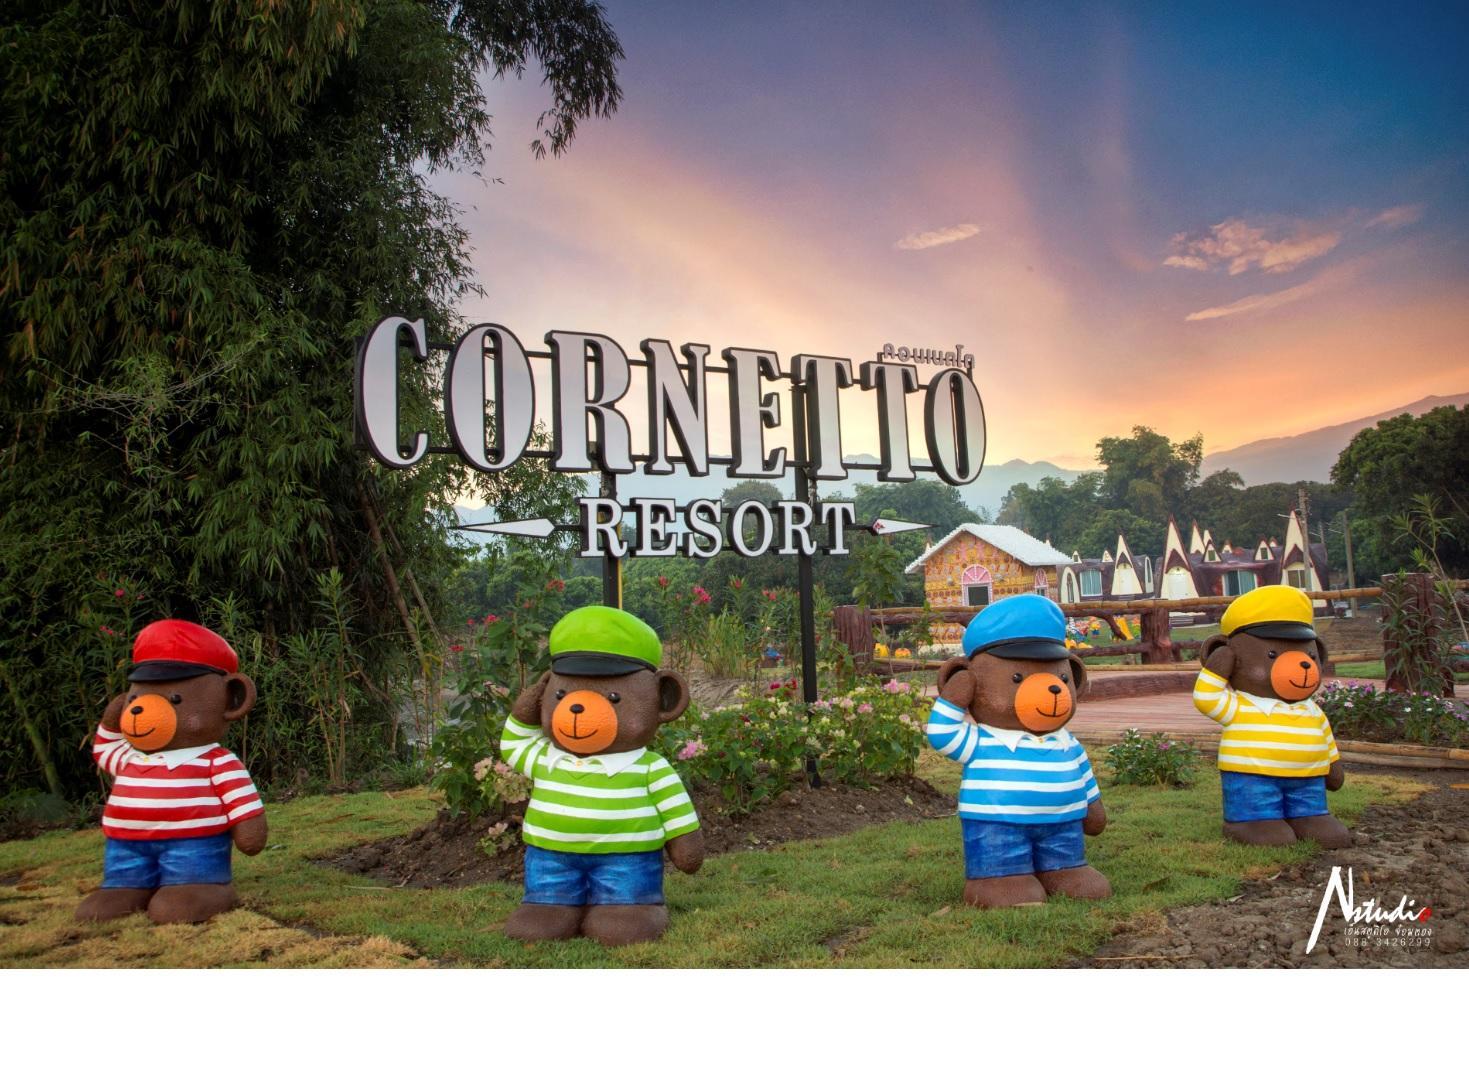 Cornetto Resort